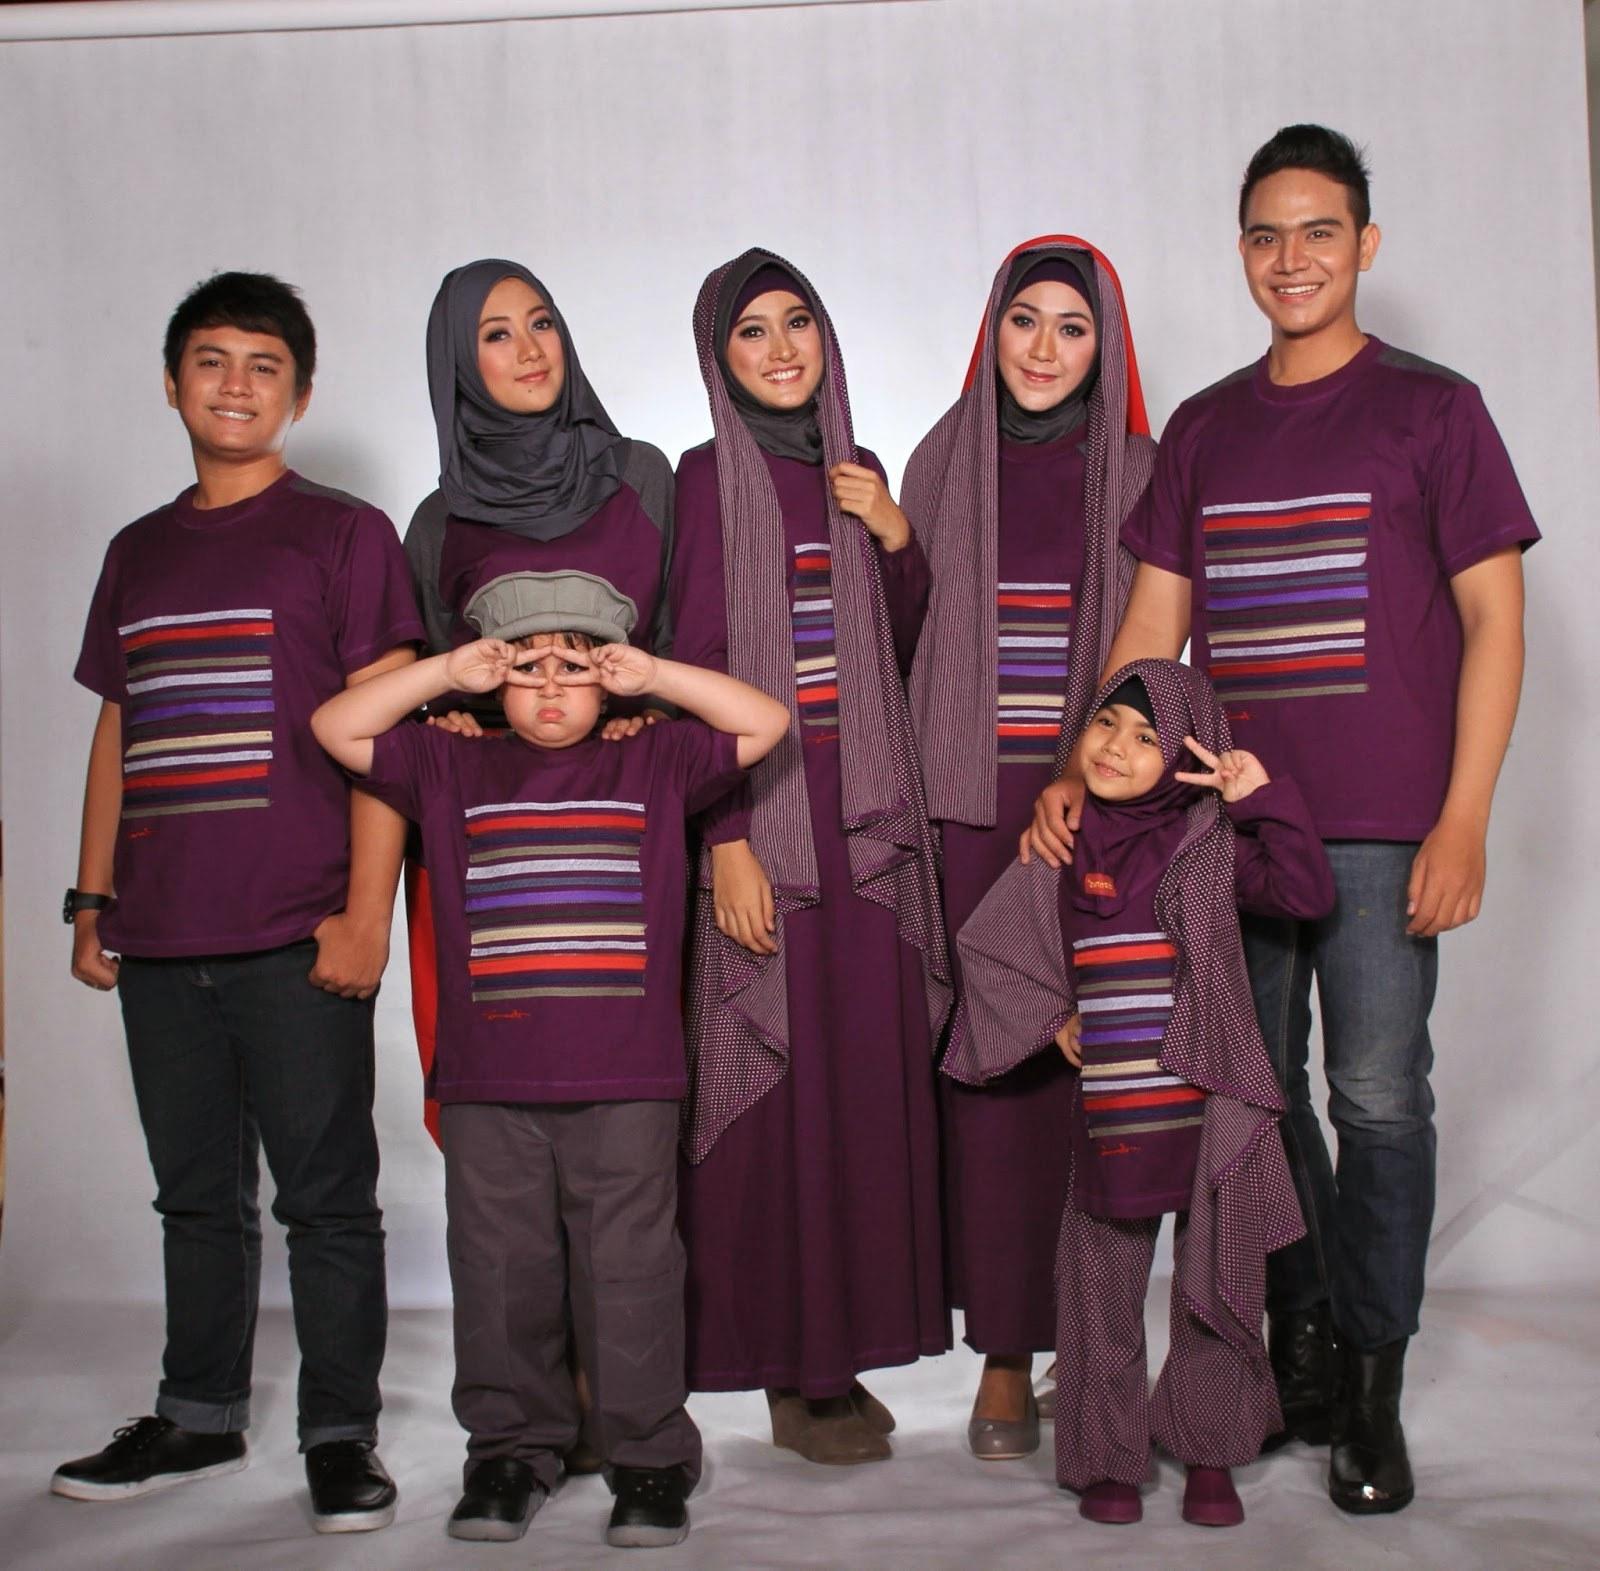 Inspirasi Baju Lebaran Buat Anak Nkde Model Baju Keluarga Untuk Hari Raya Lebaran 2018